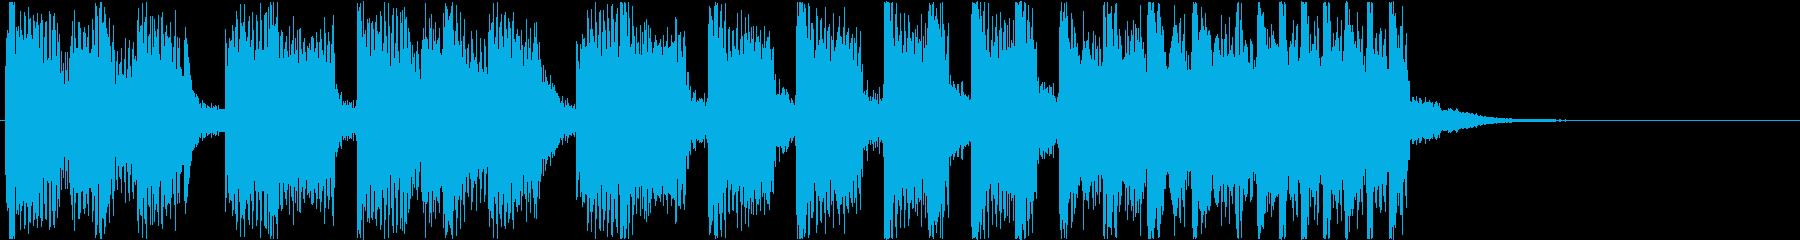 10秒・EDM・オープニング・ジングルの再生済みの波形